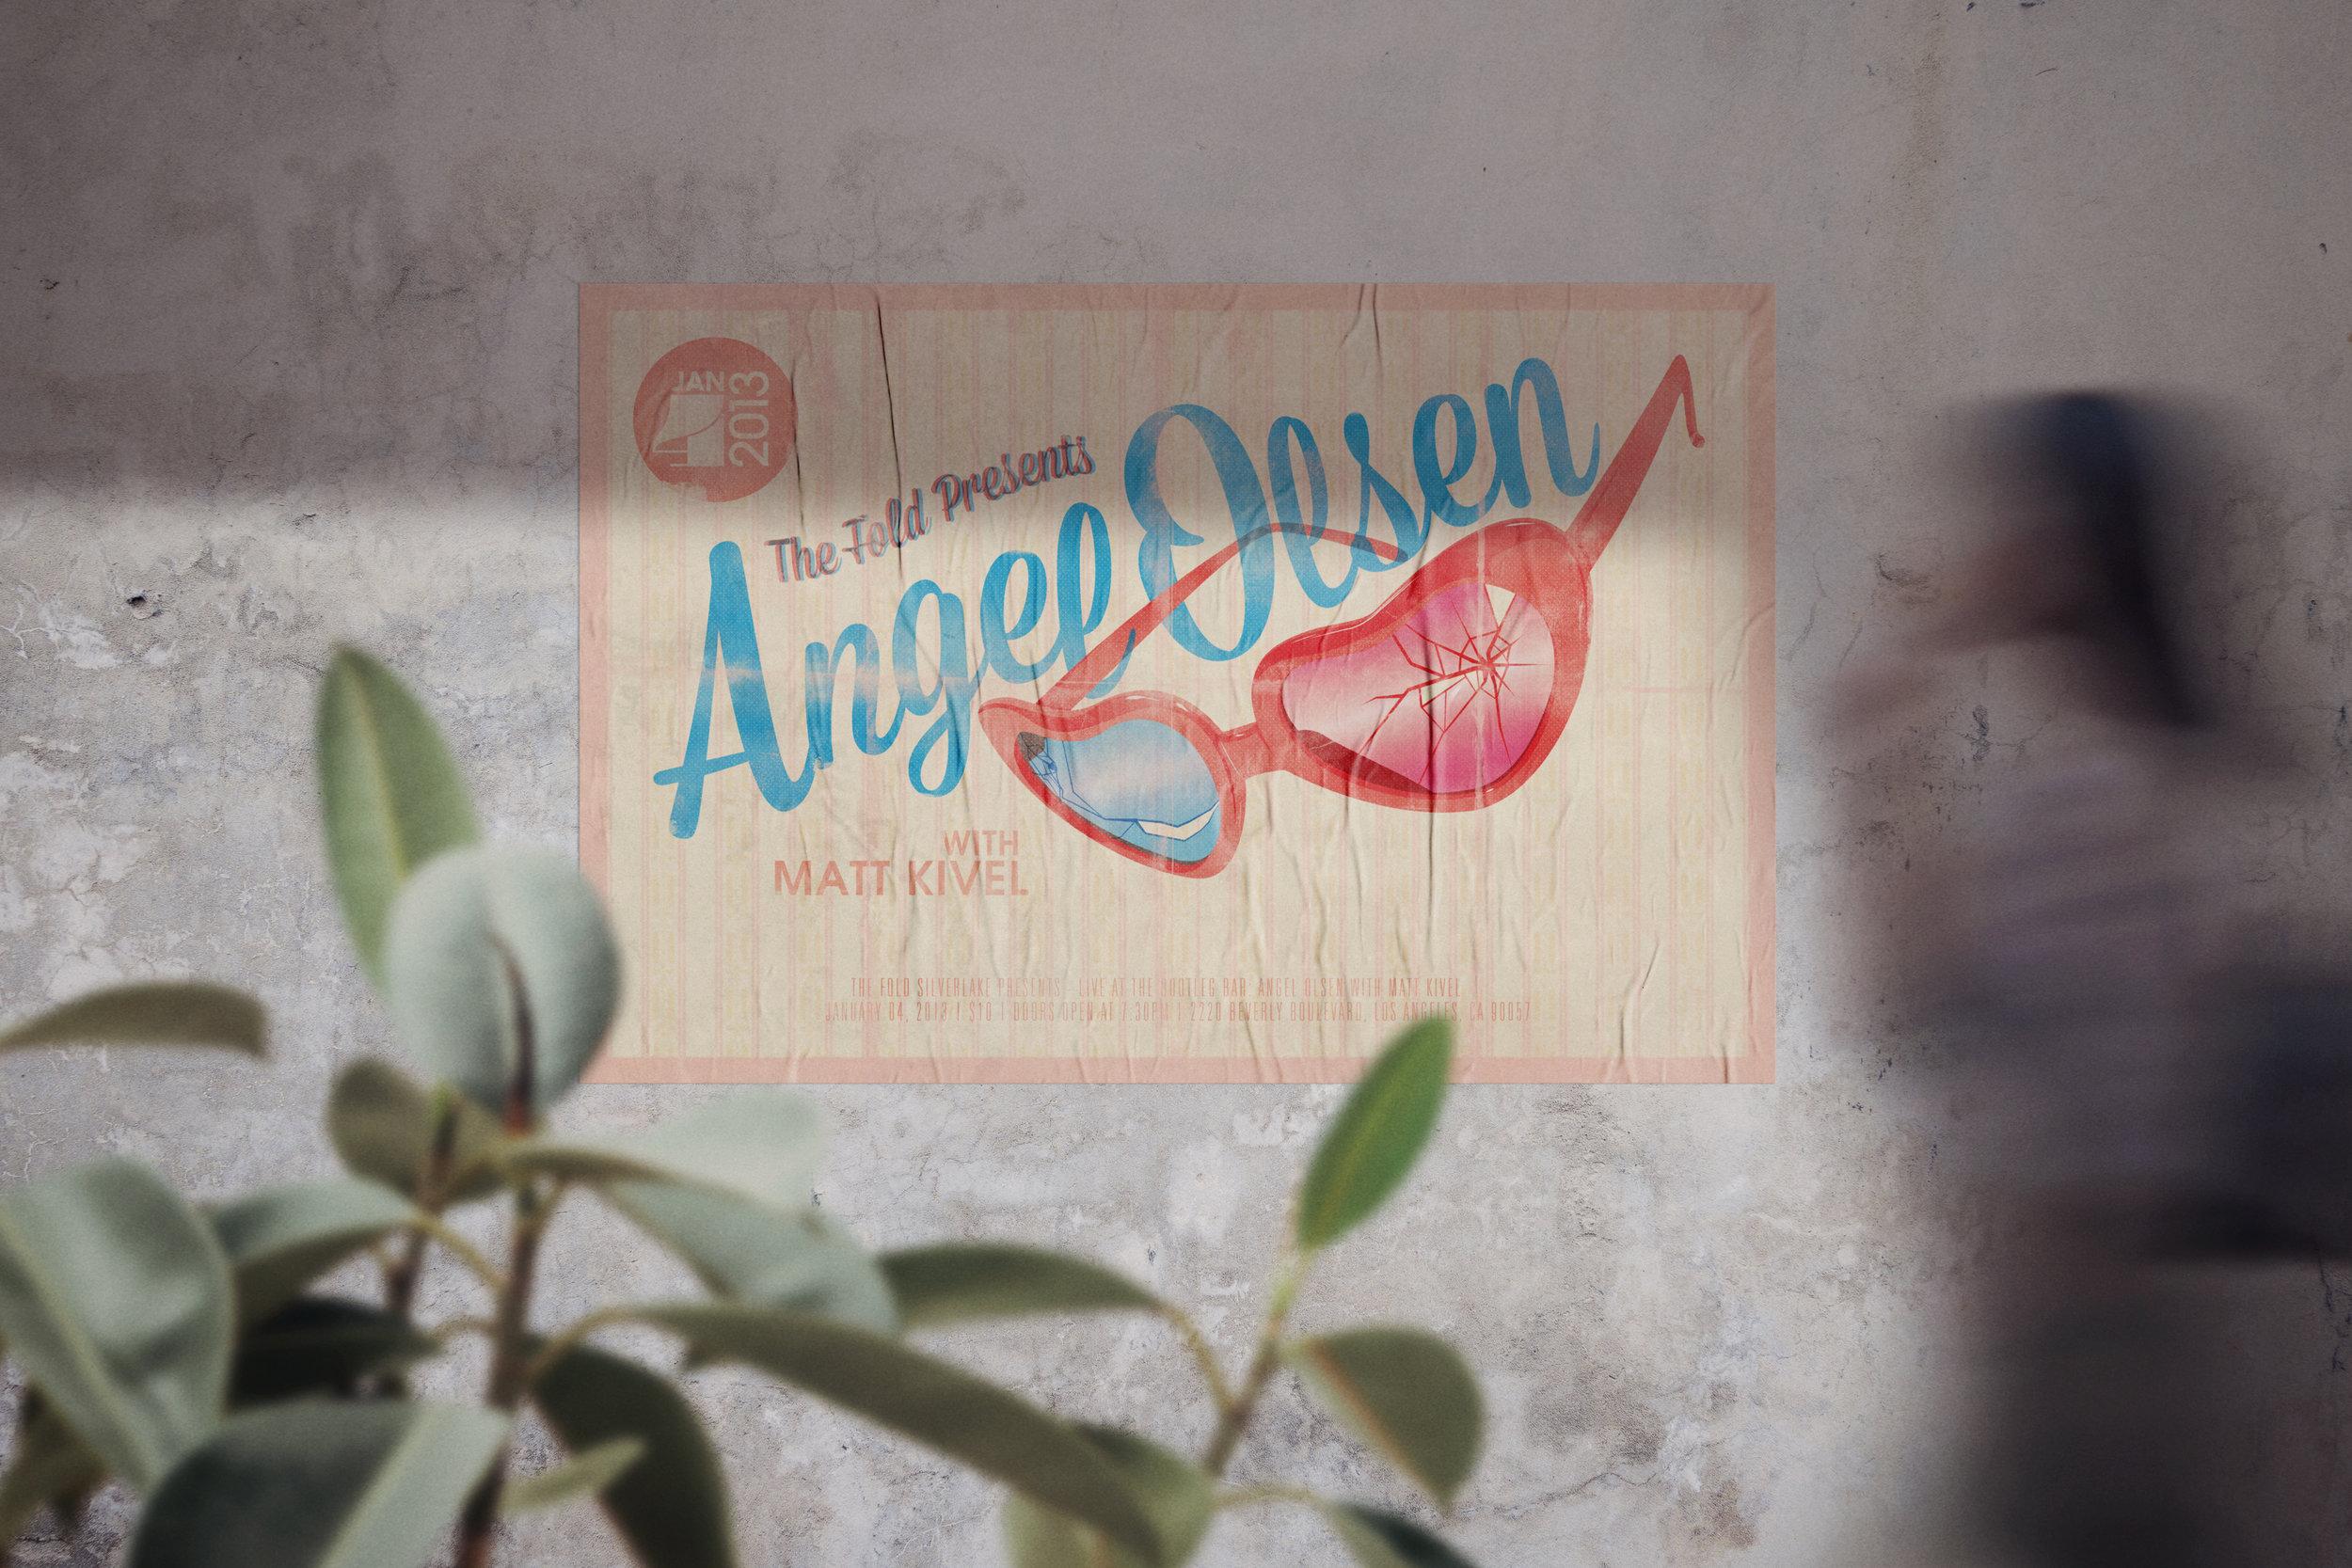 AngelOlsen-PosterMock2.jpg